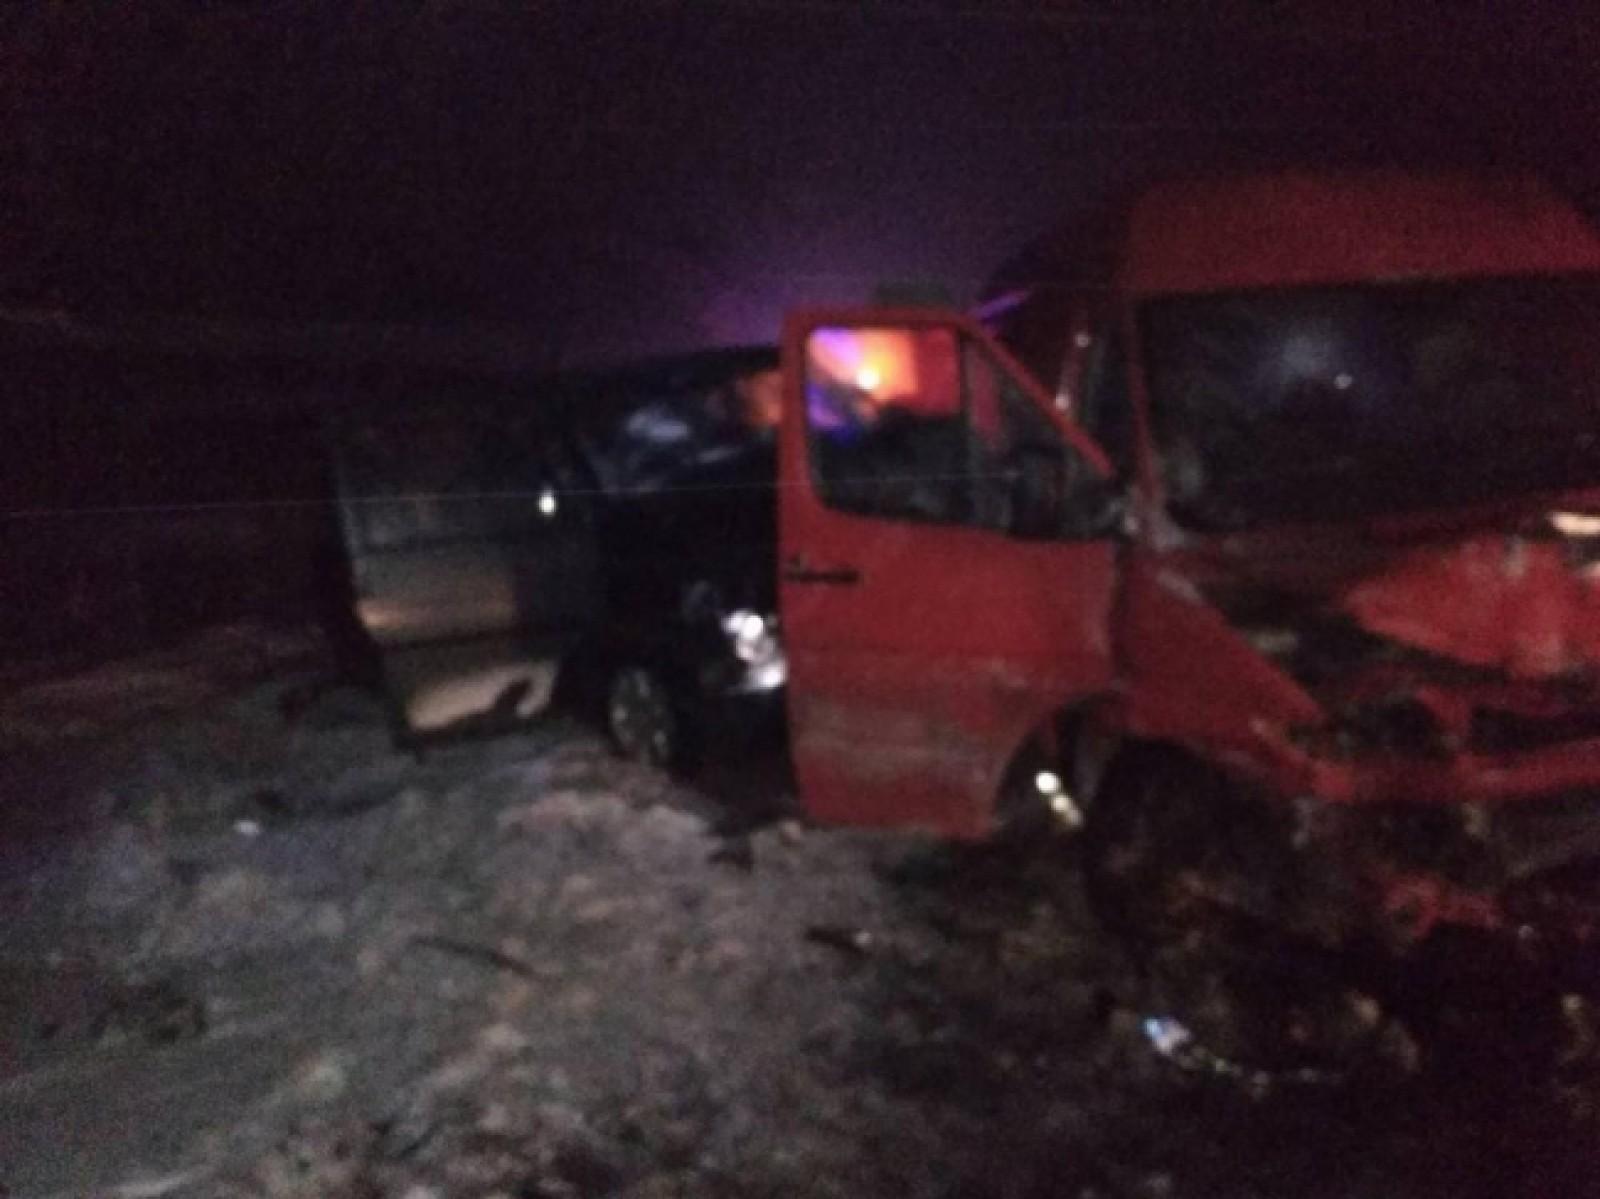 (foto) Imagini de la accidentul de lângă Ștefan Vodă: Patru mașini, printre care două microbuze s-au ciocnit violent, iar patru persoane au fost transportate la spital